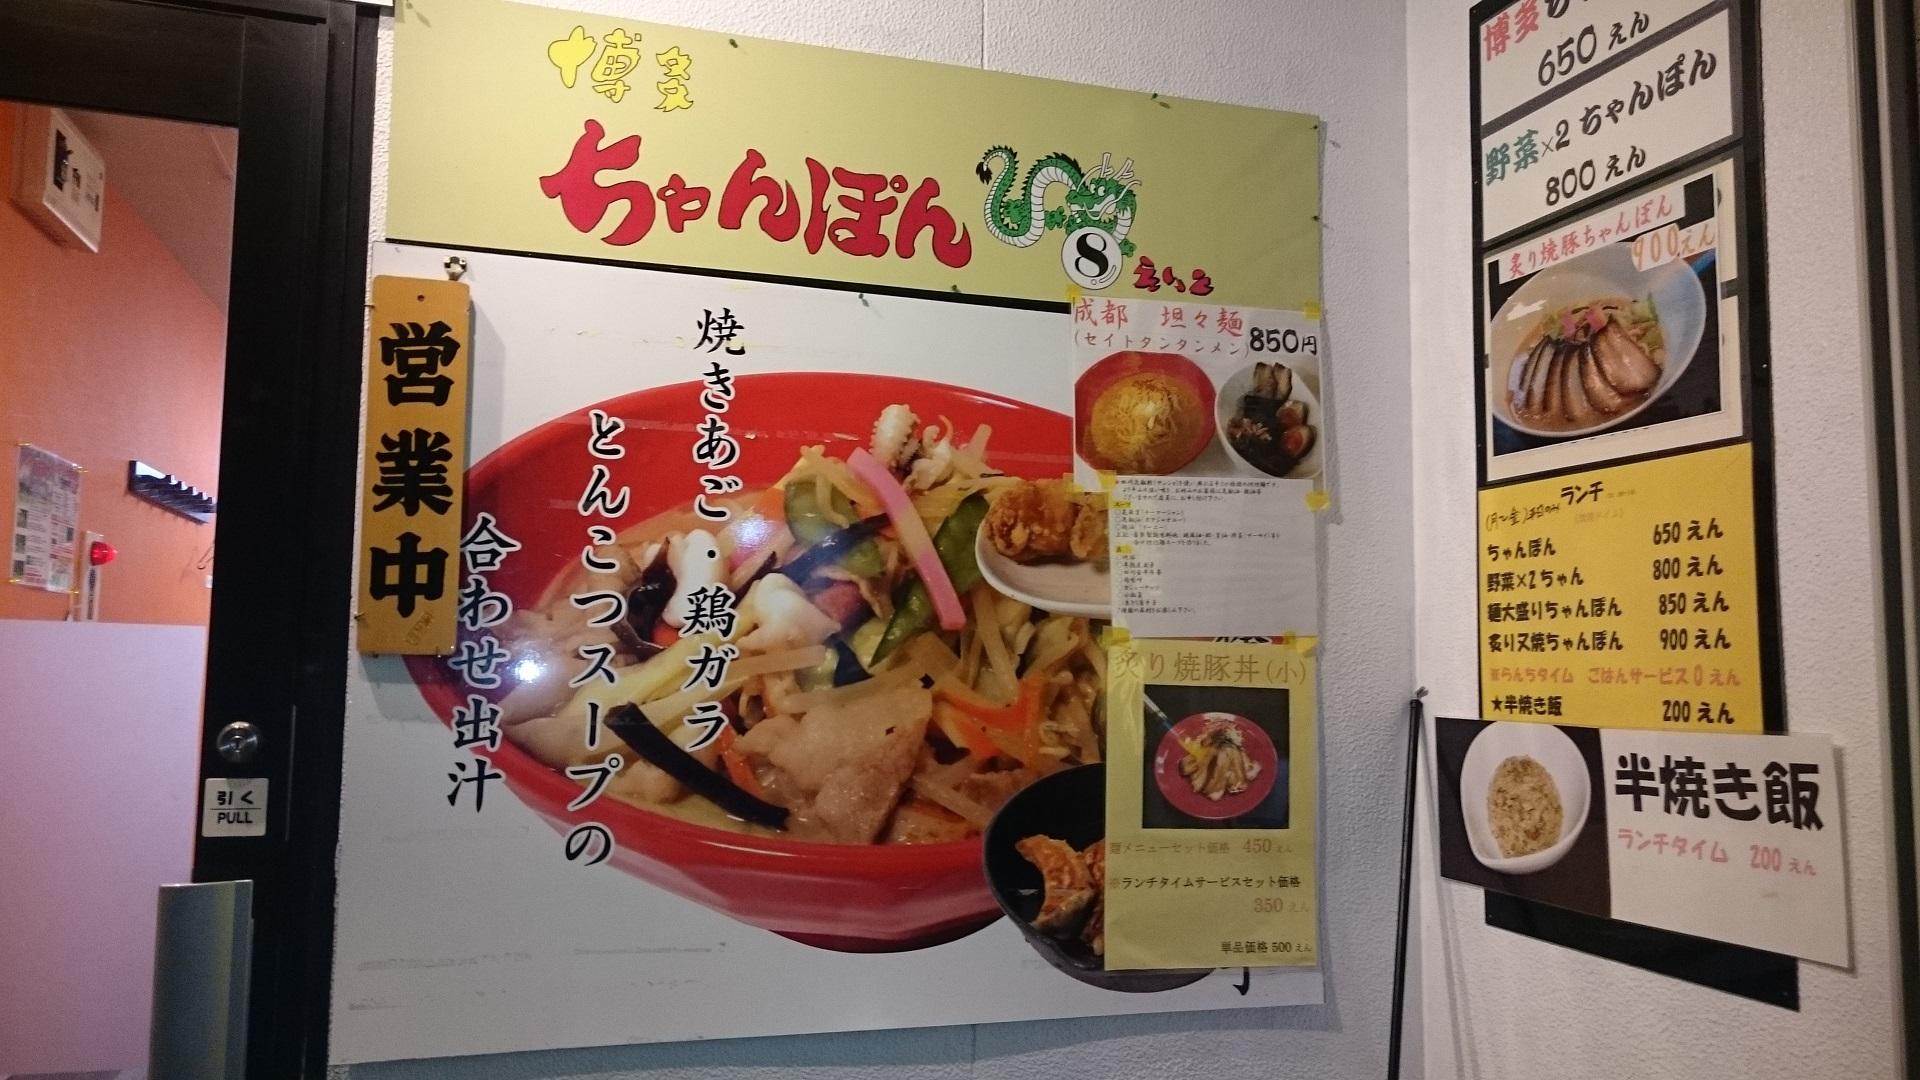 3種のブレンドスープがクセになる「博多ちゃんぽんえいと」